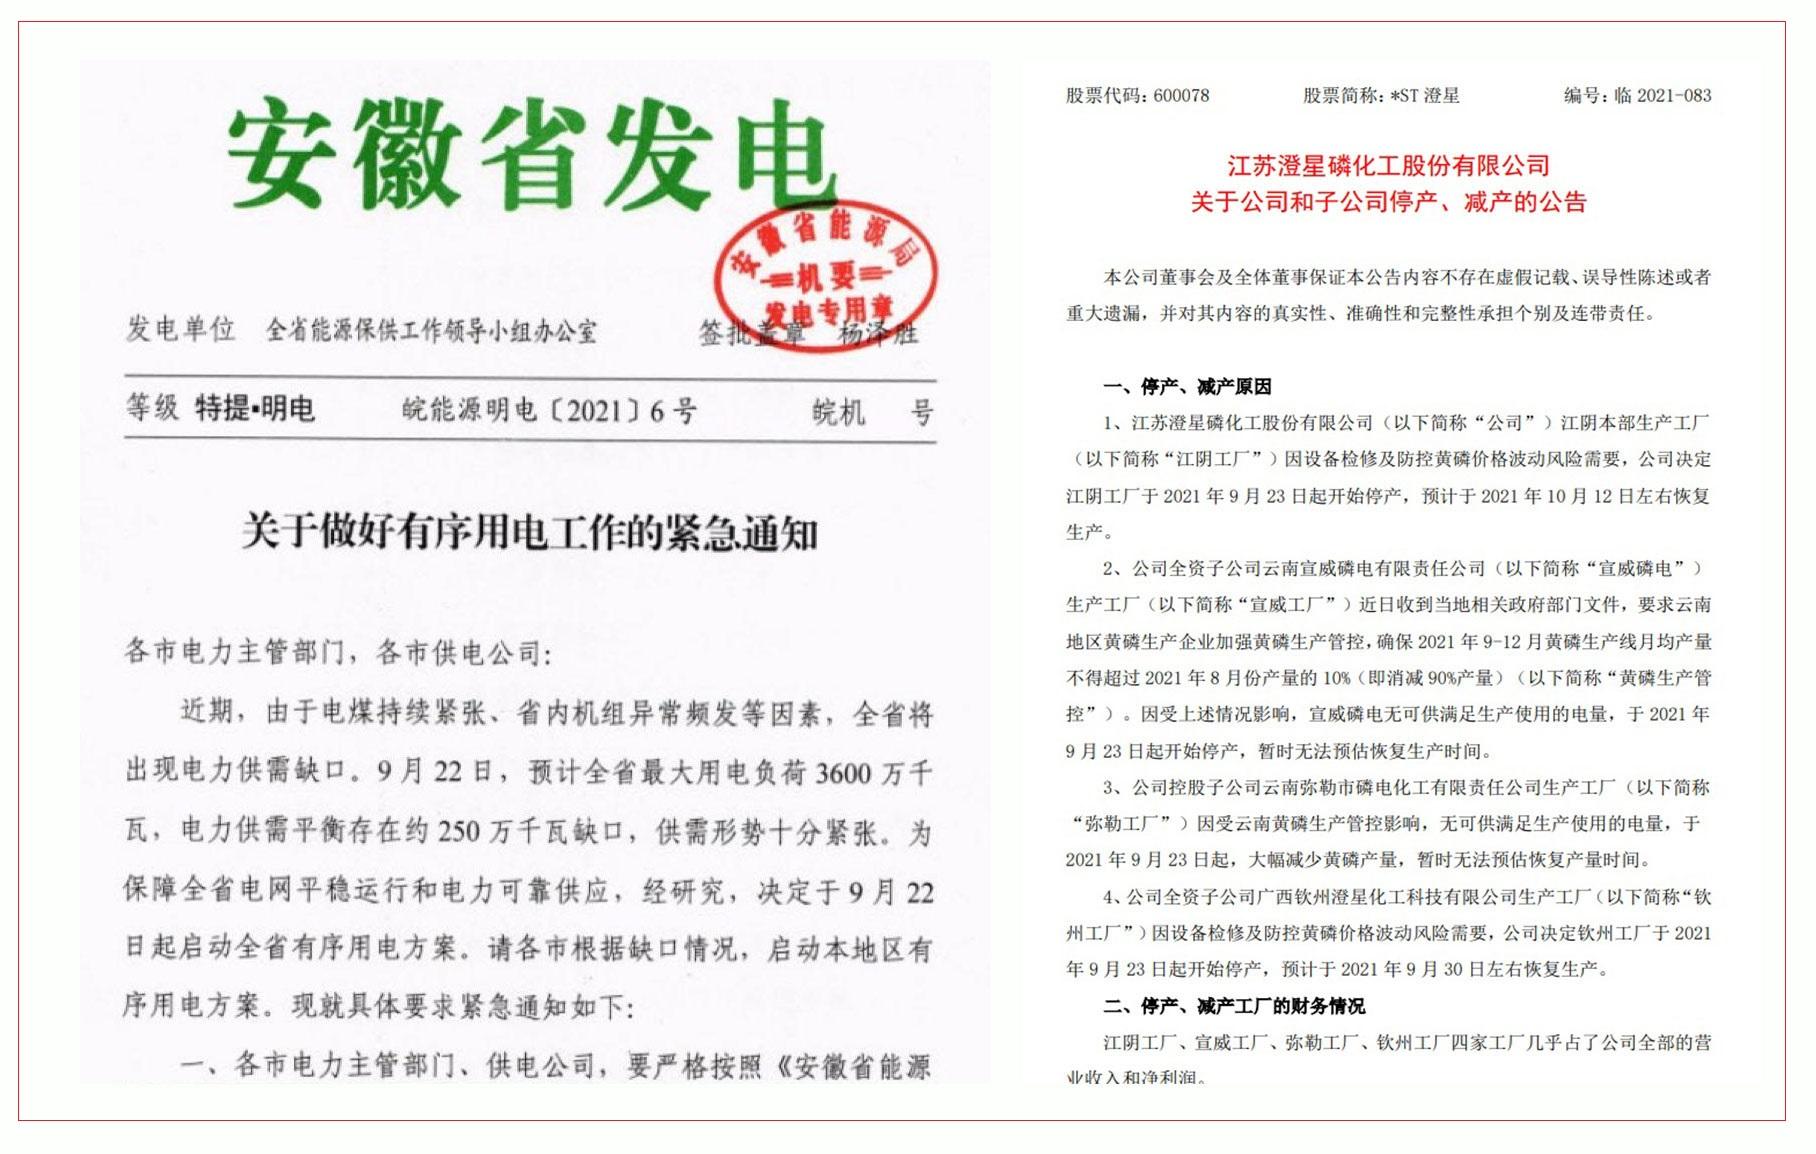 左图:安徽省能源办办公室下限电通知。 右图:江苏一化工厂法停产、减产公告。(乔龙提供)